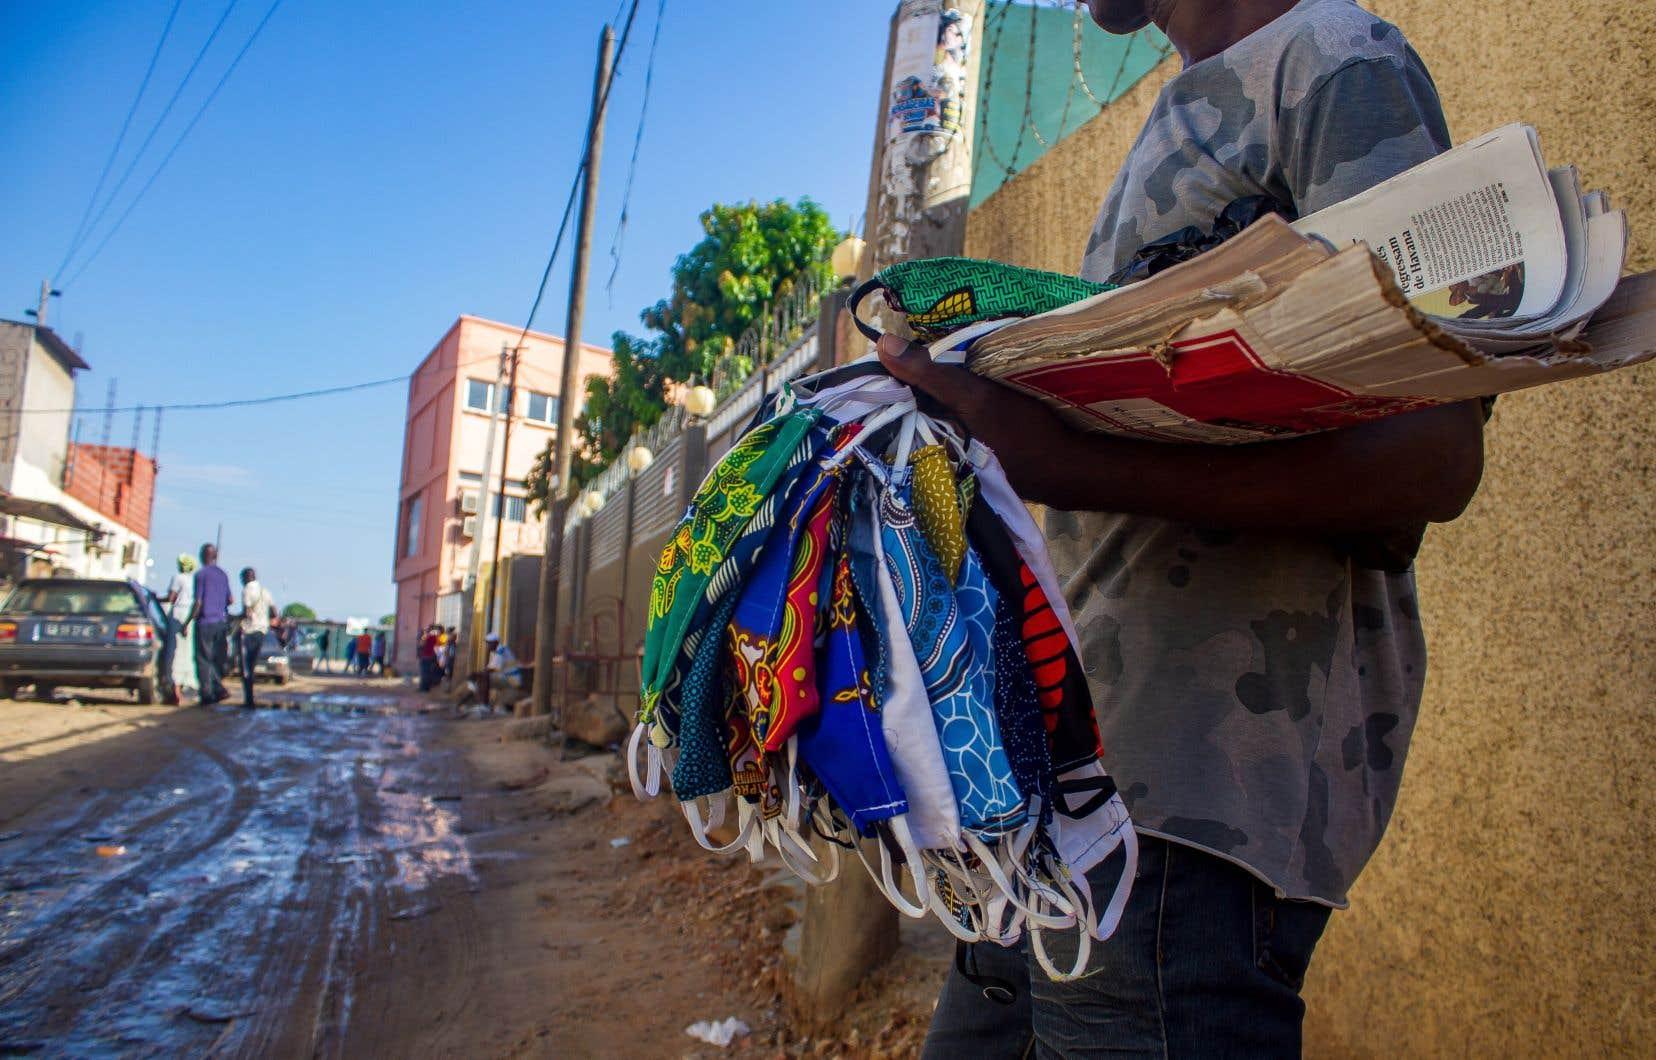 Sauf exception, le bas du classement d'OXFAM est monopolisé par des pays en développement, notamment d'Afrique. Ici, un vendeur de rue offre des couvre-visages à Luanda, en Angola.